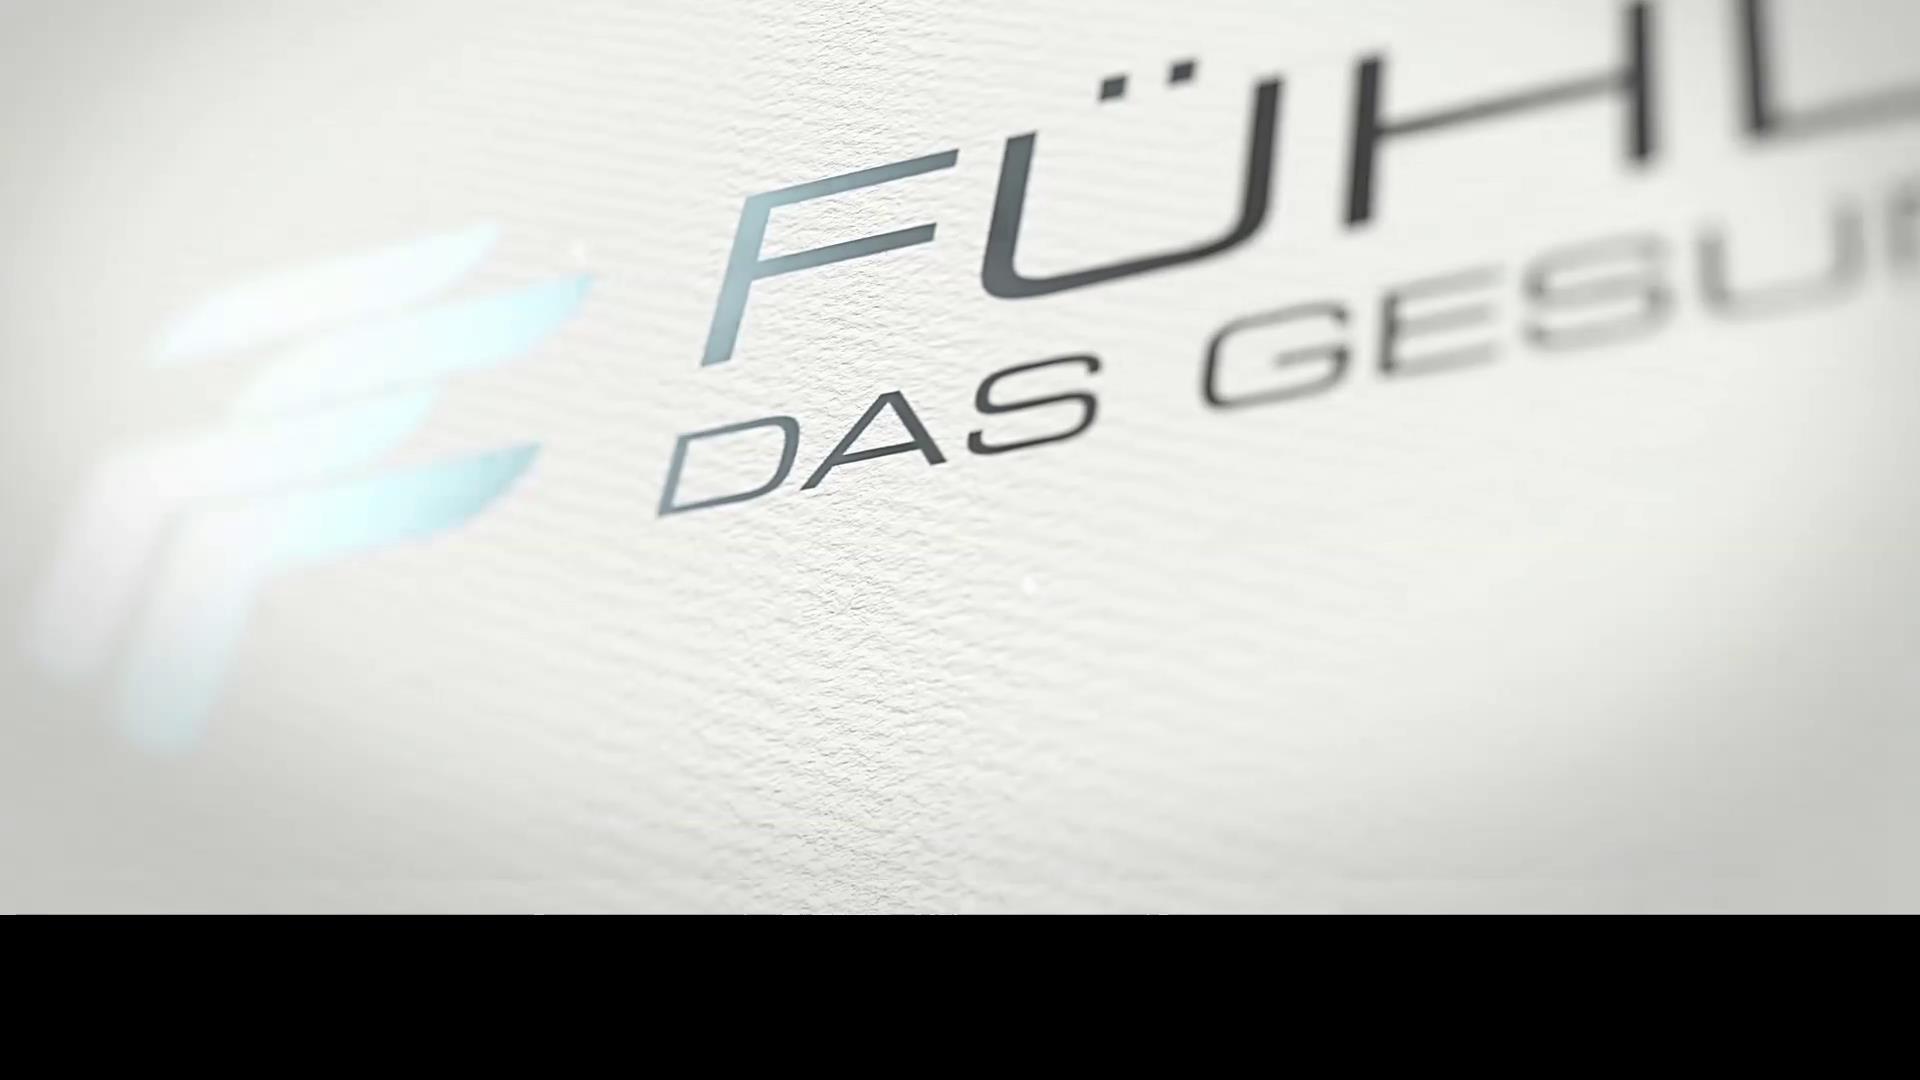 FÜHLBAR fit@Home | FÜHLBAR fit - DAS GESUNDHEITSSTUDIO